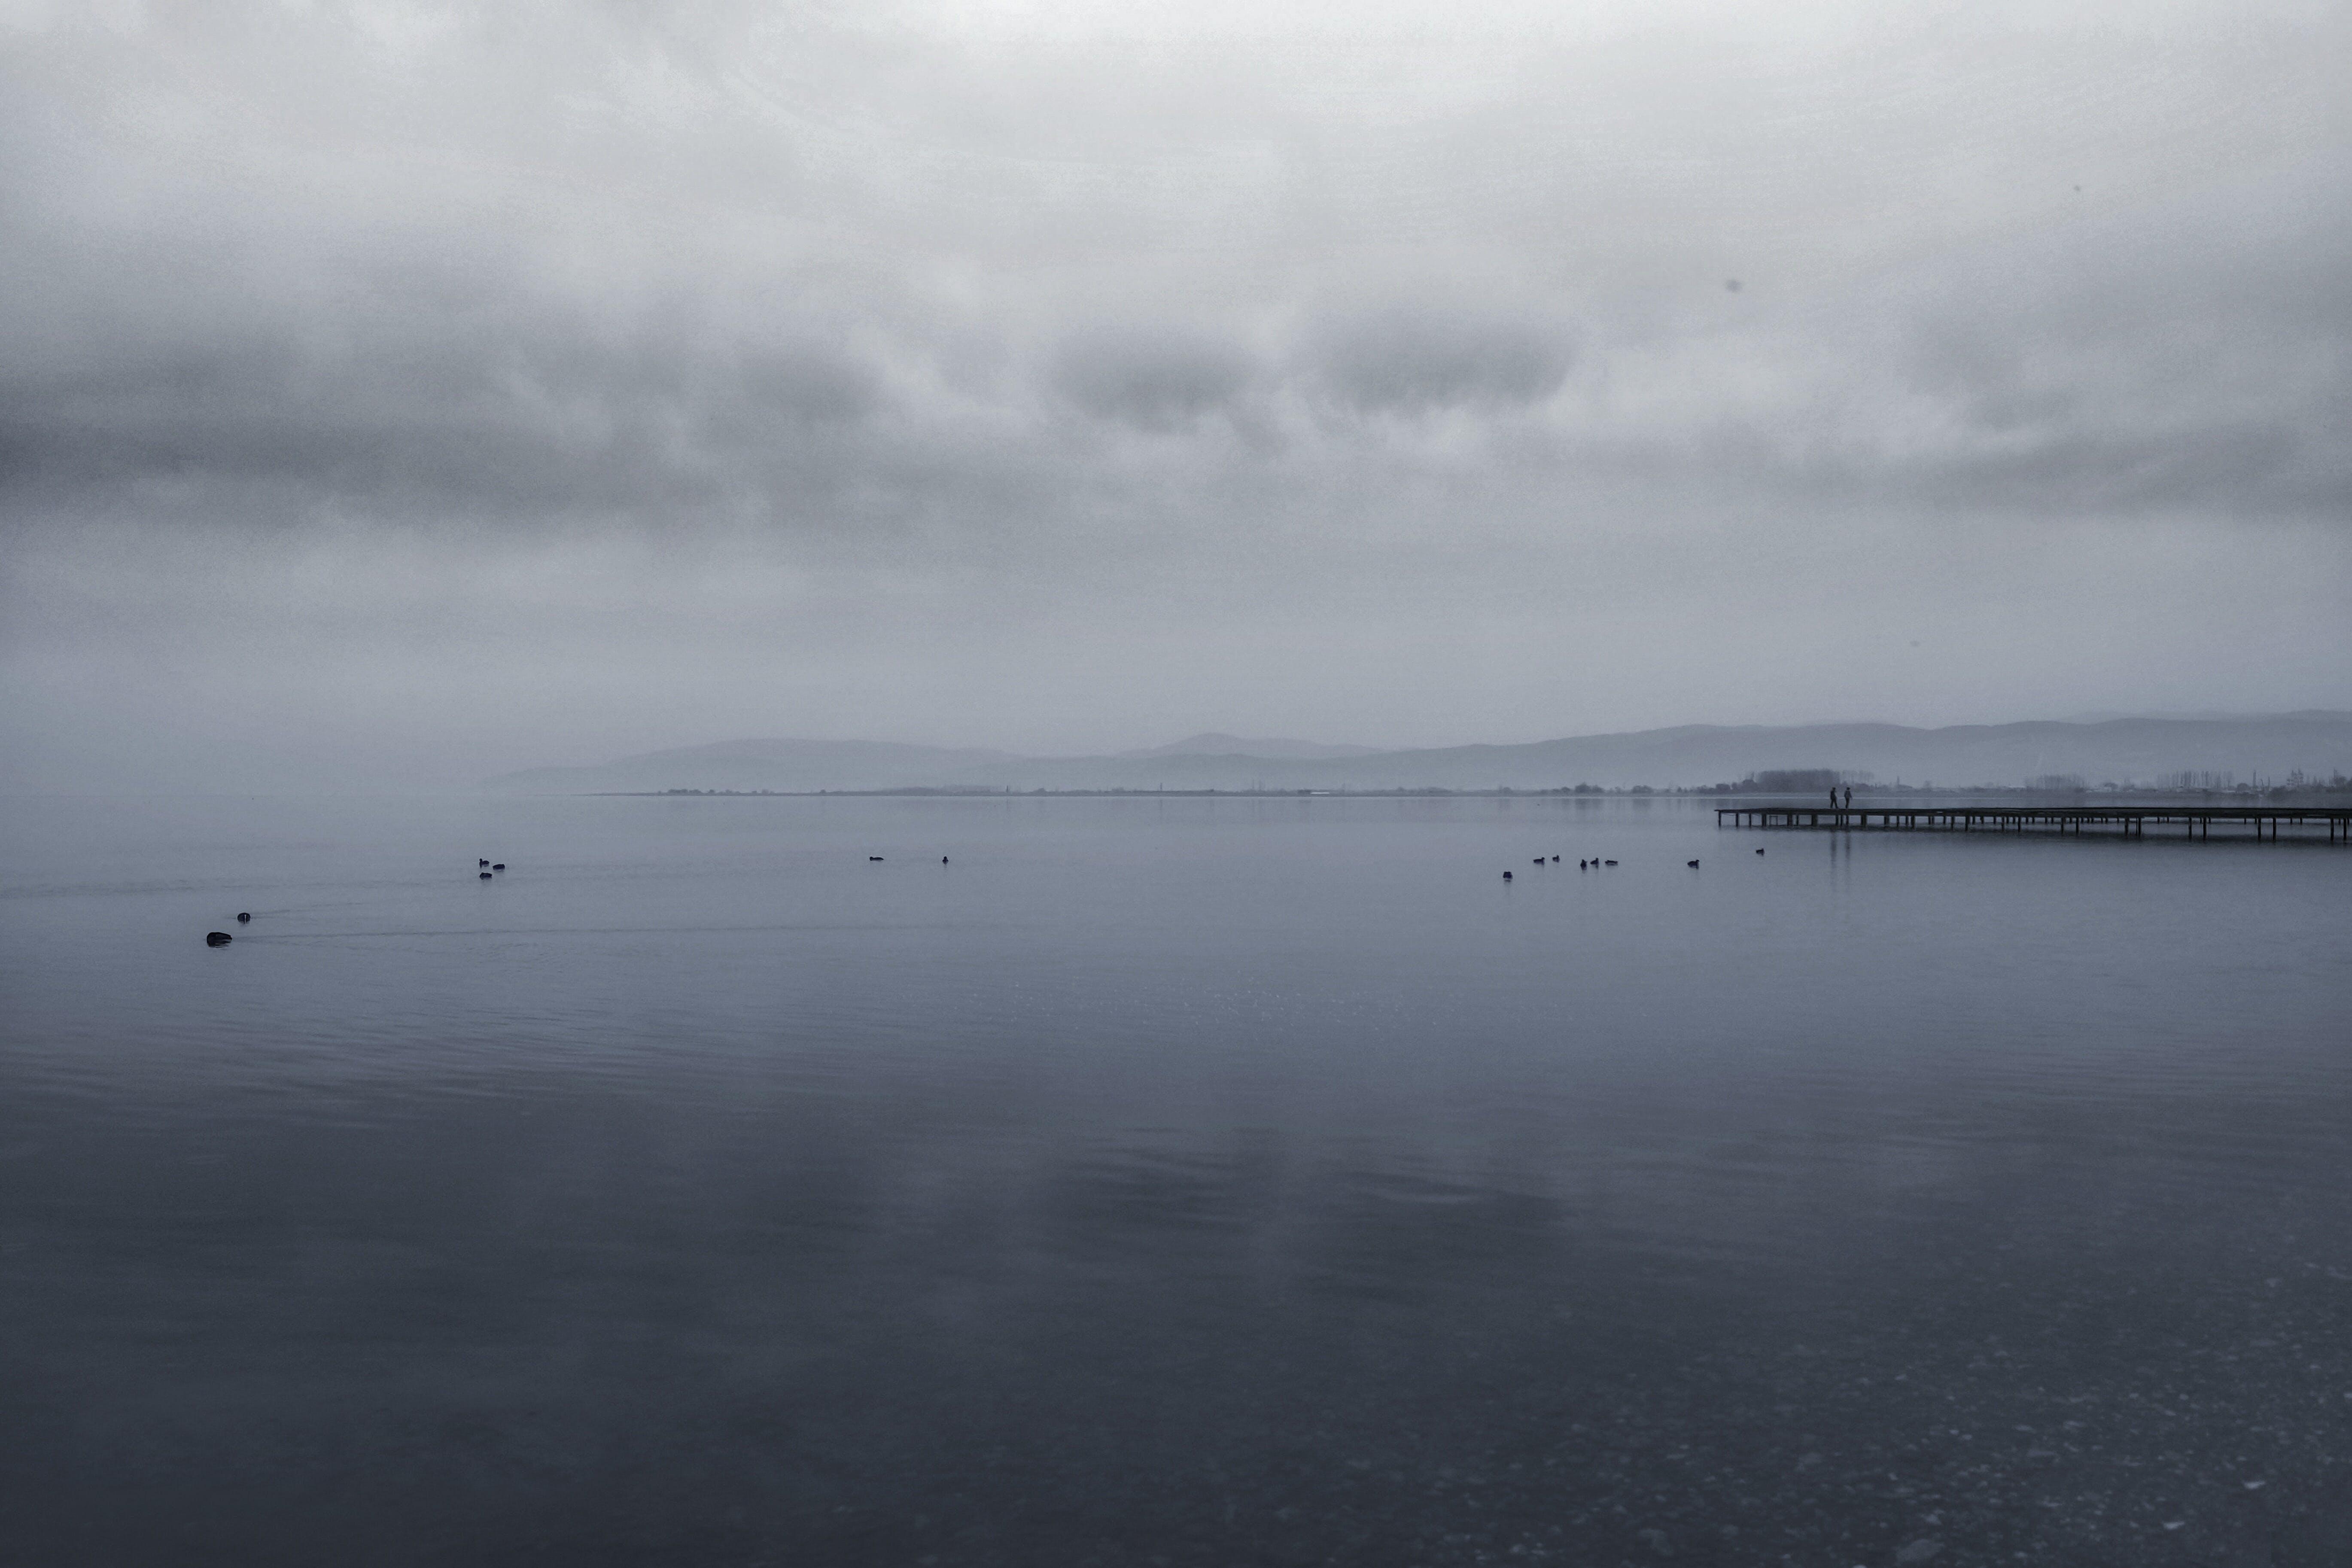 Безкоштовне стокове фото на тему «вода, док, похмура погода, спокійний»